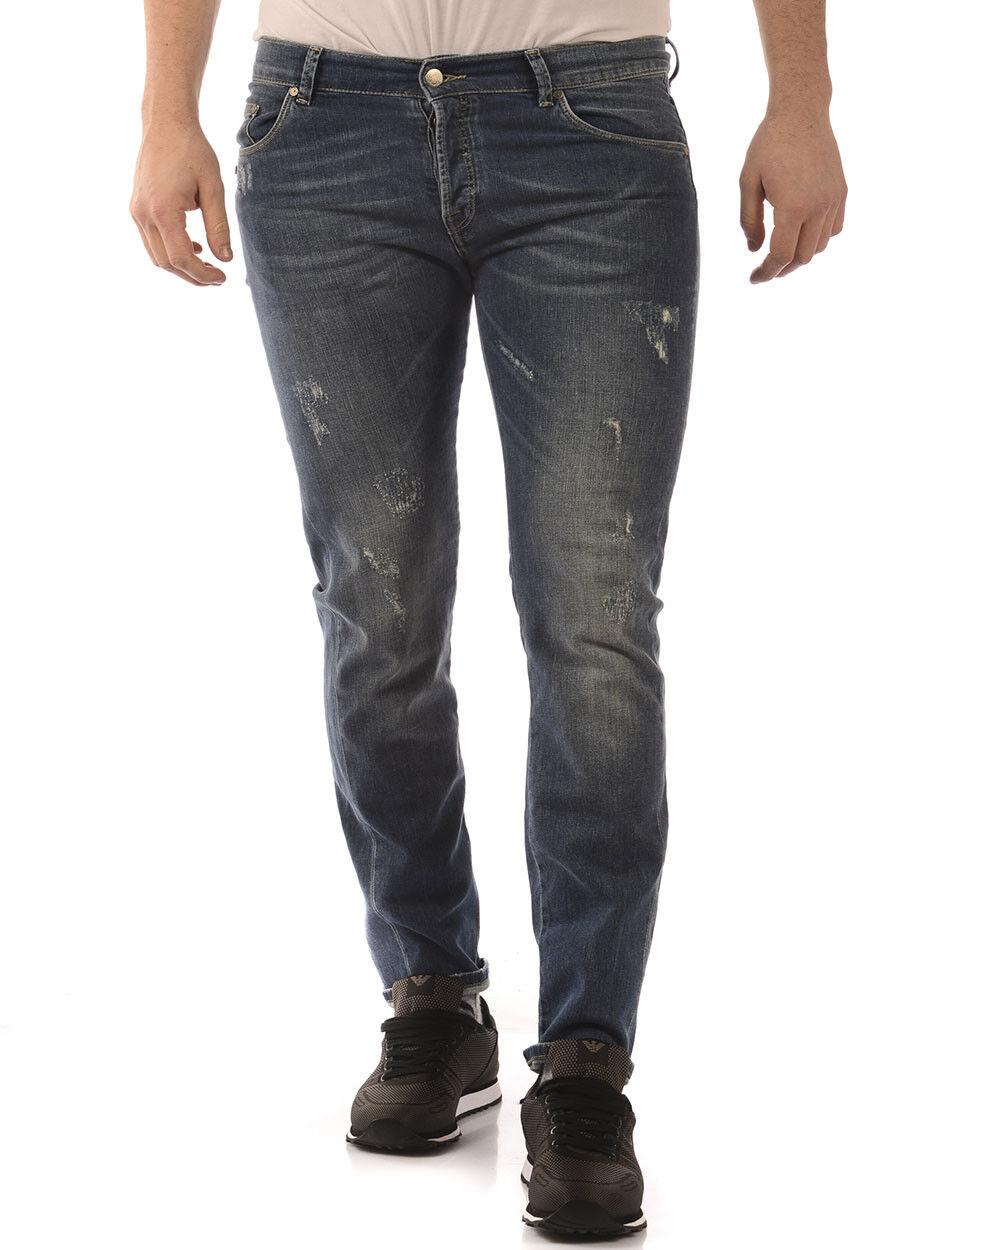 Jeans Daniele Alessandrini Jeans Cotone Uomo Denim PJ5307L3453700 1111